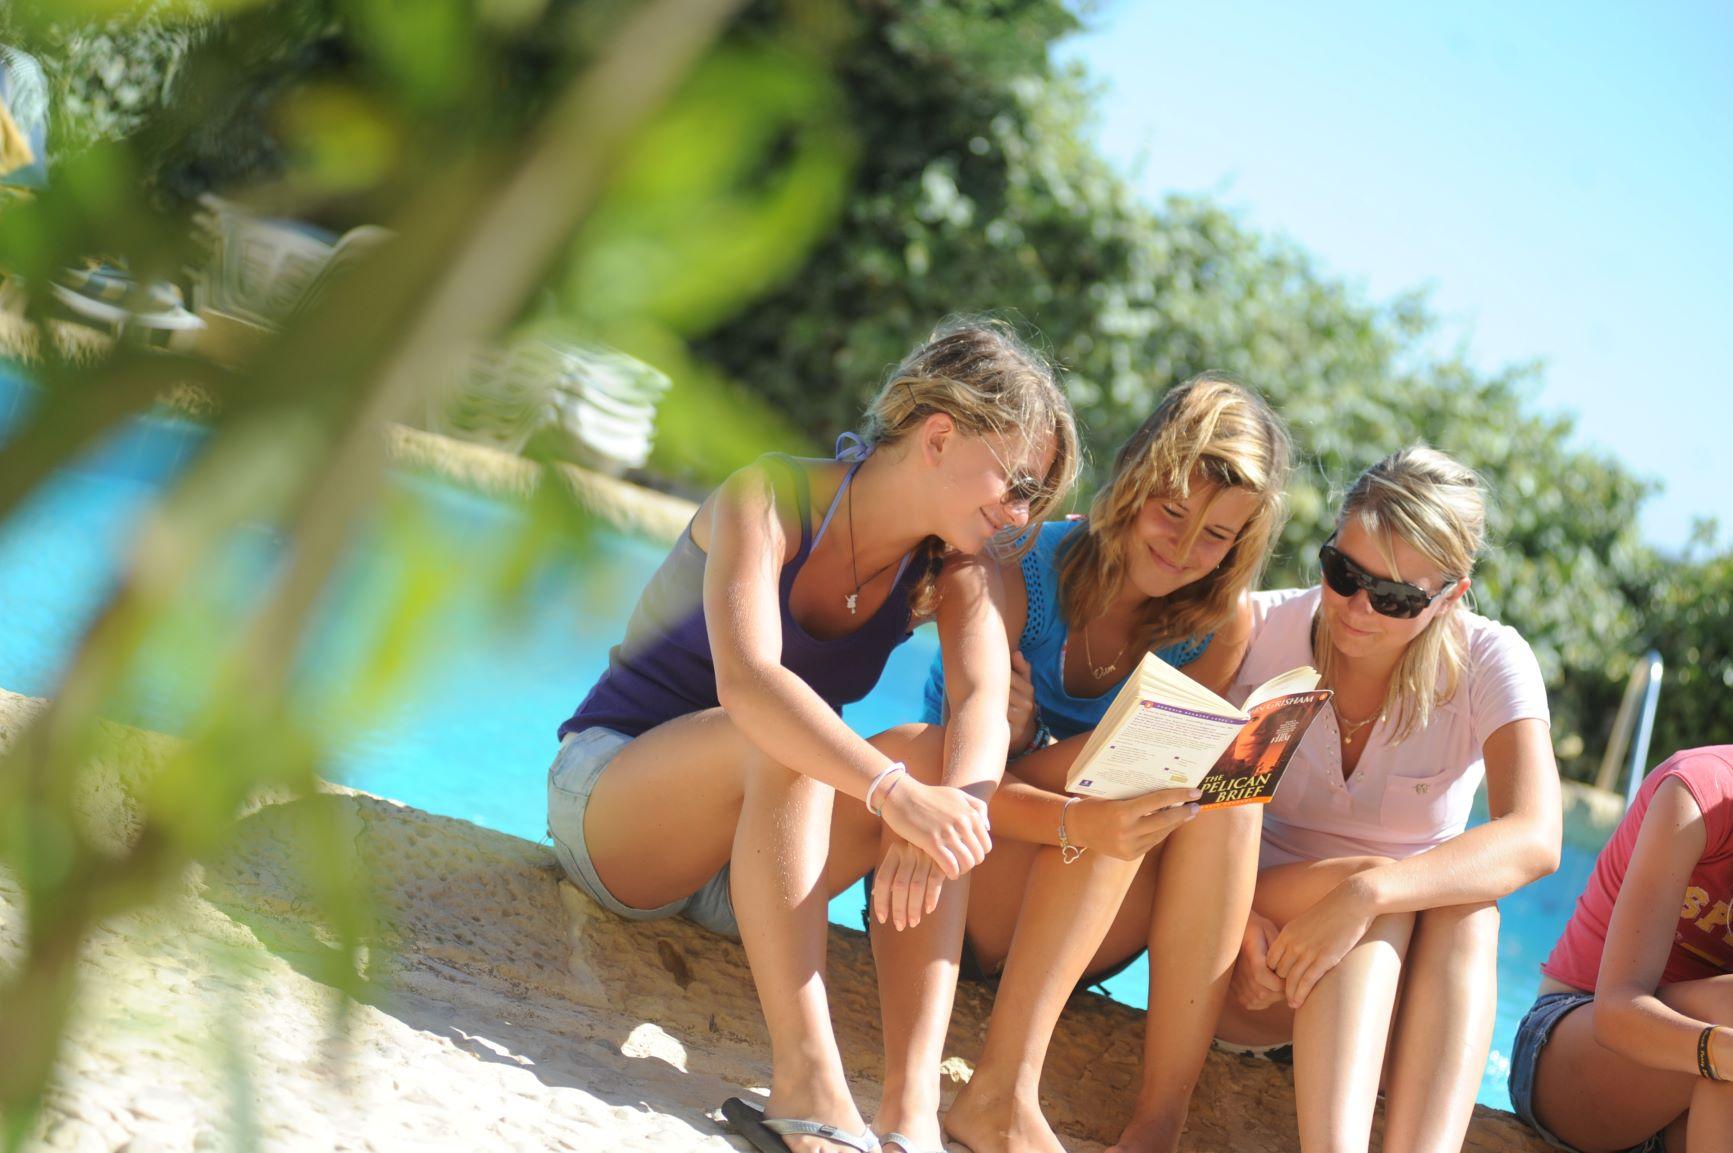 Sprachkenntnisse an sonnigen Orten Europas auffrischen und zahlreiche Freizeitmöglichkeiten erleben!